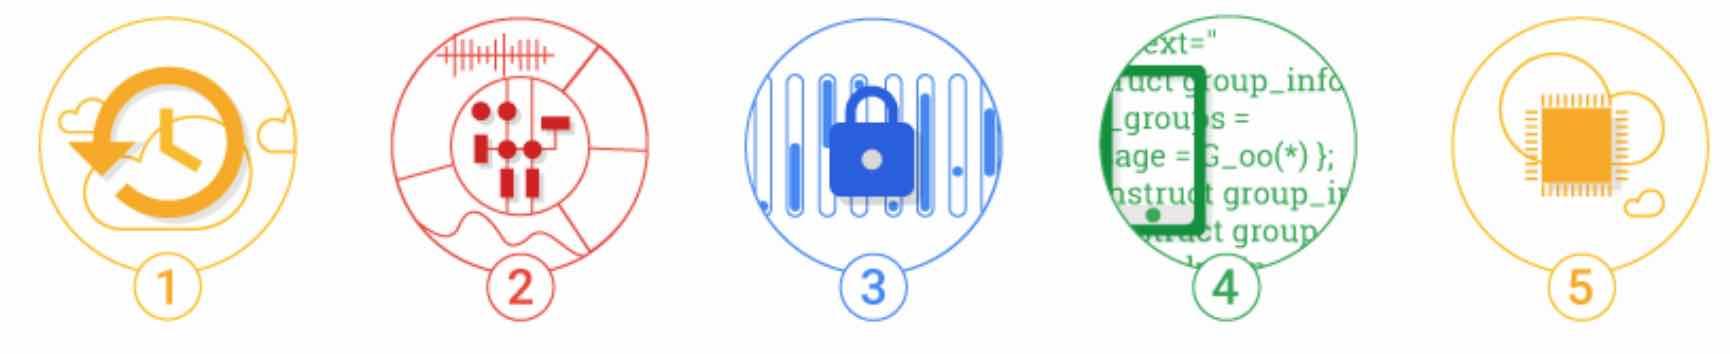 Raffaele Mangano partner Google Fogli 5 motivi per cui la tua azienda dovrebbe provarlo